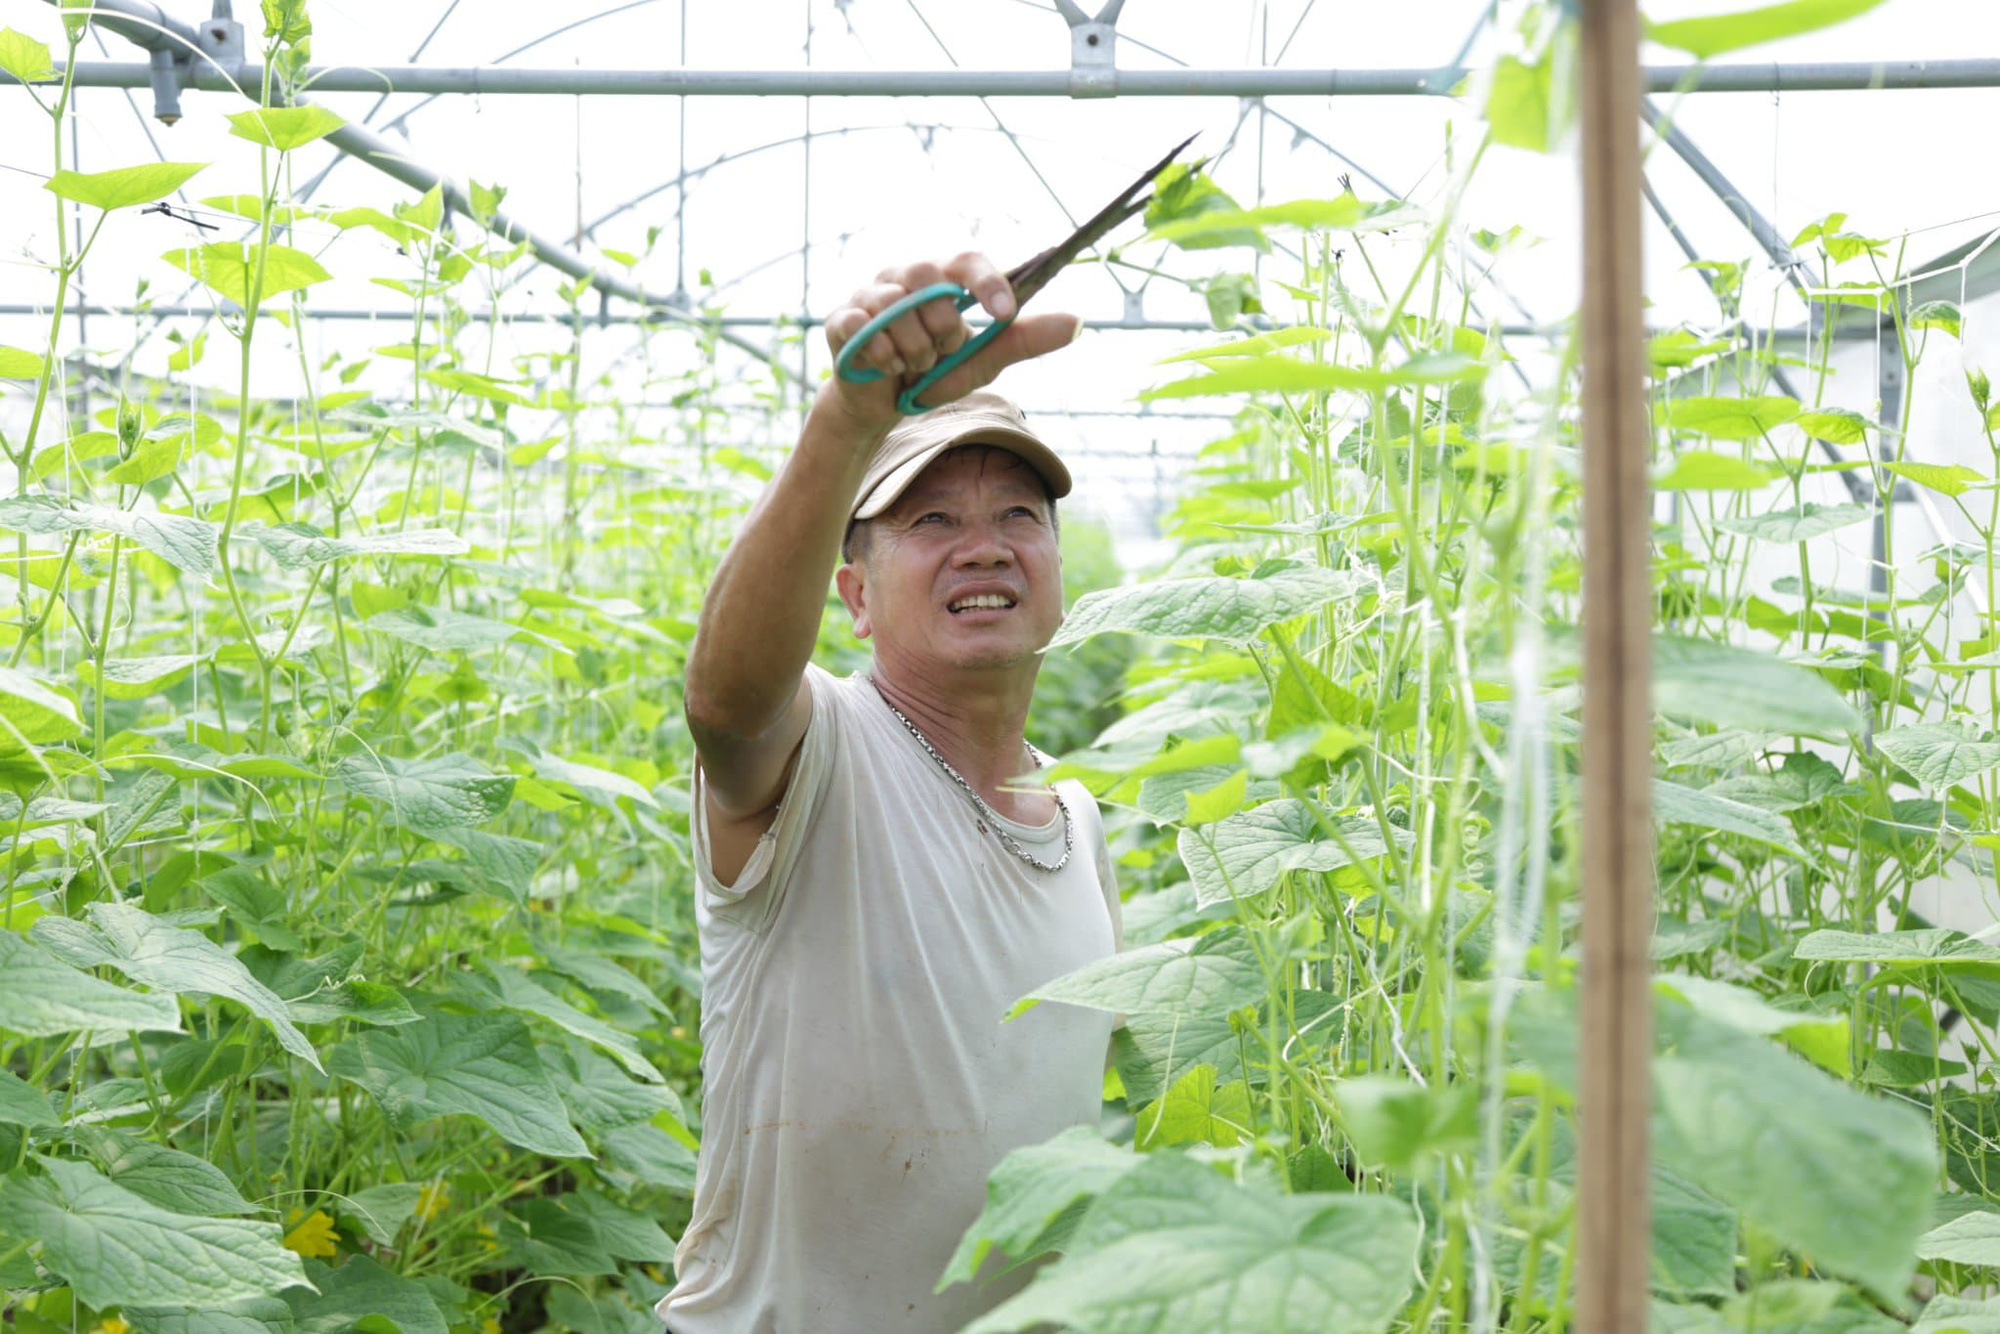 """Chuyên gia hiến kế giúp xuất khẩu nông sản """"cán đích"""" mục tiêu 42 tỷ USD - Ảnh 1."""